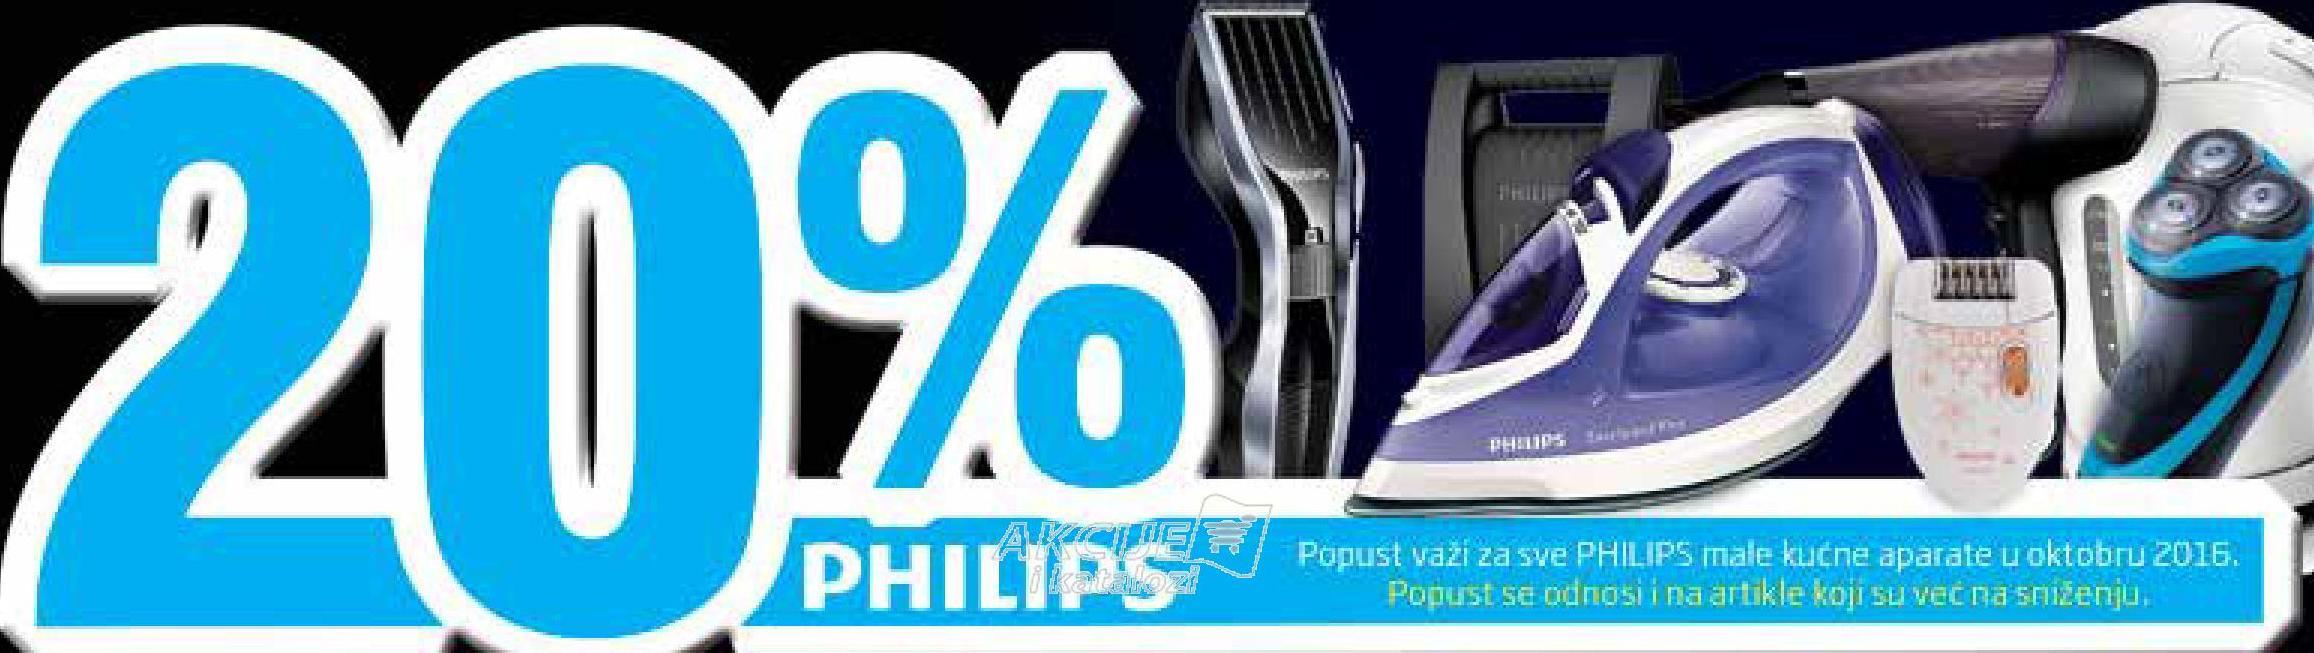 Philips aparati